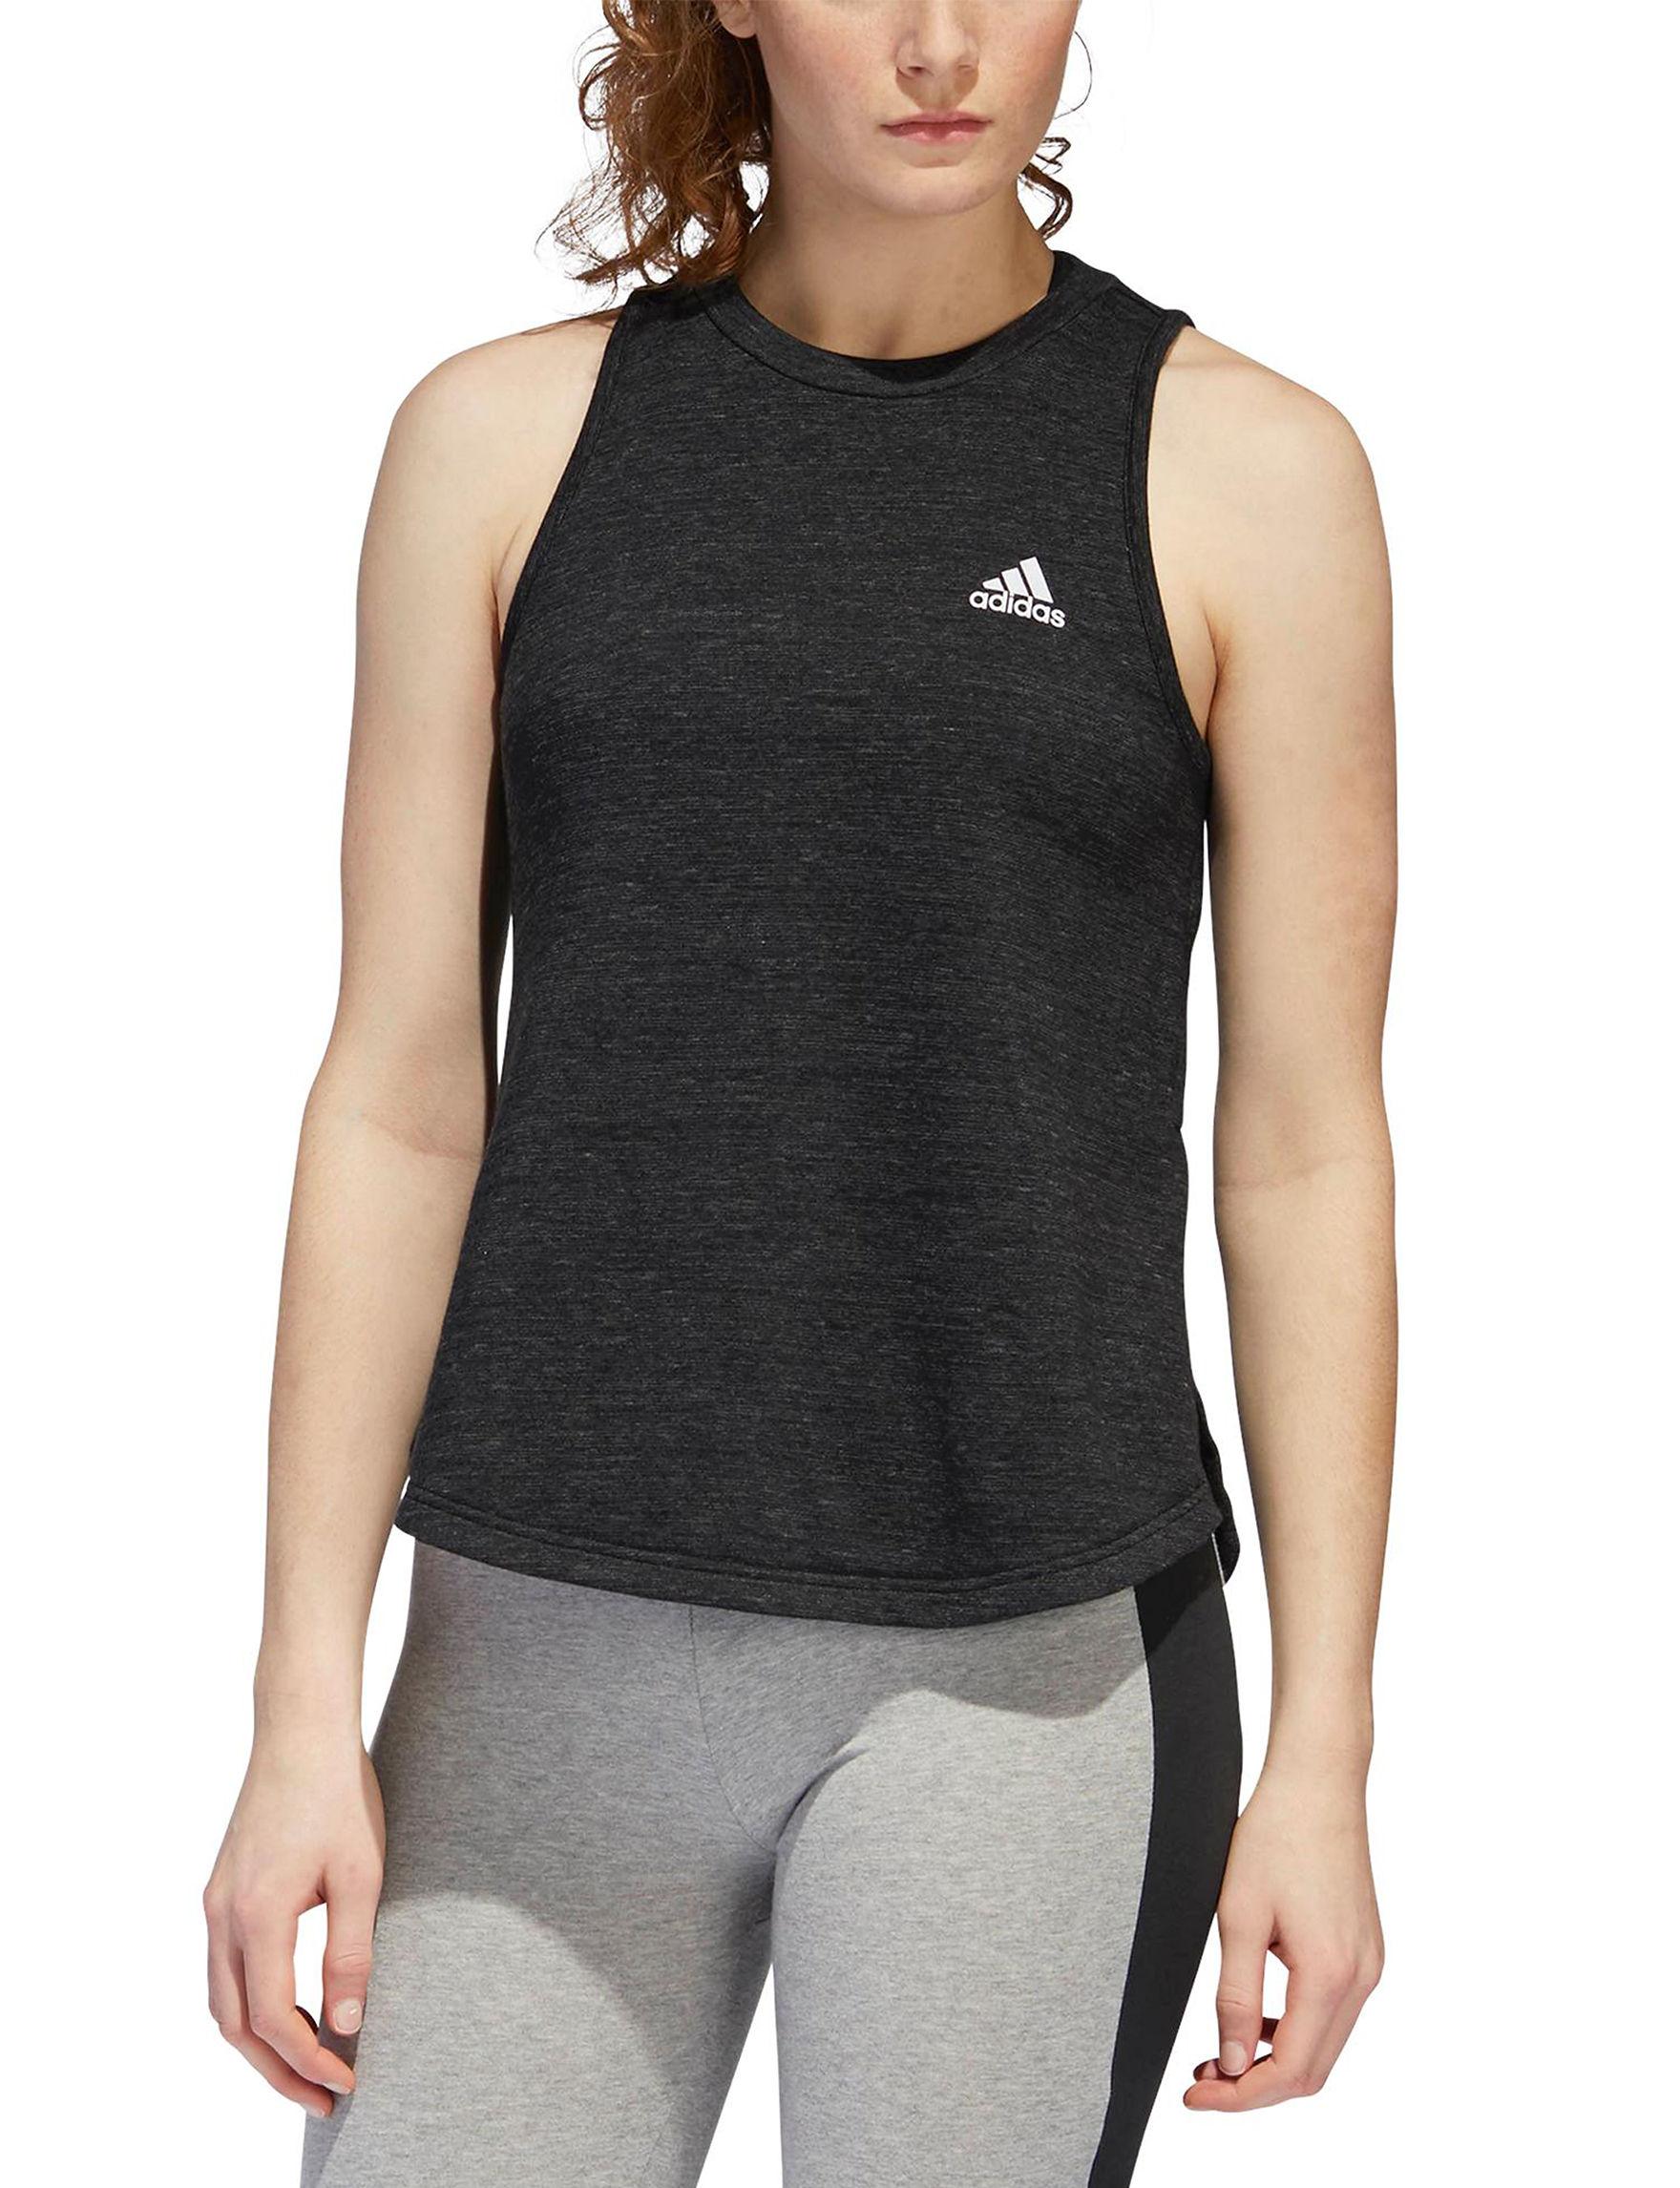 Adidas Black Heather Tees & Tanks